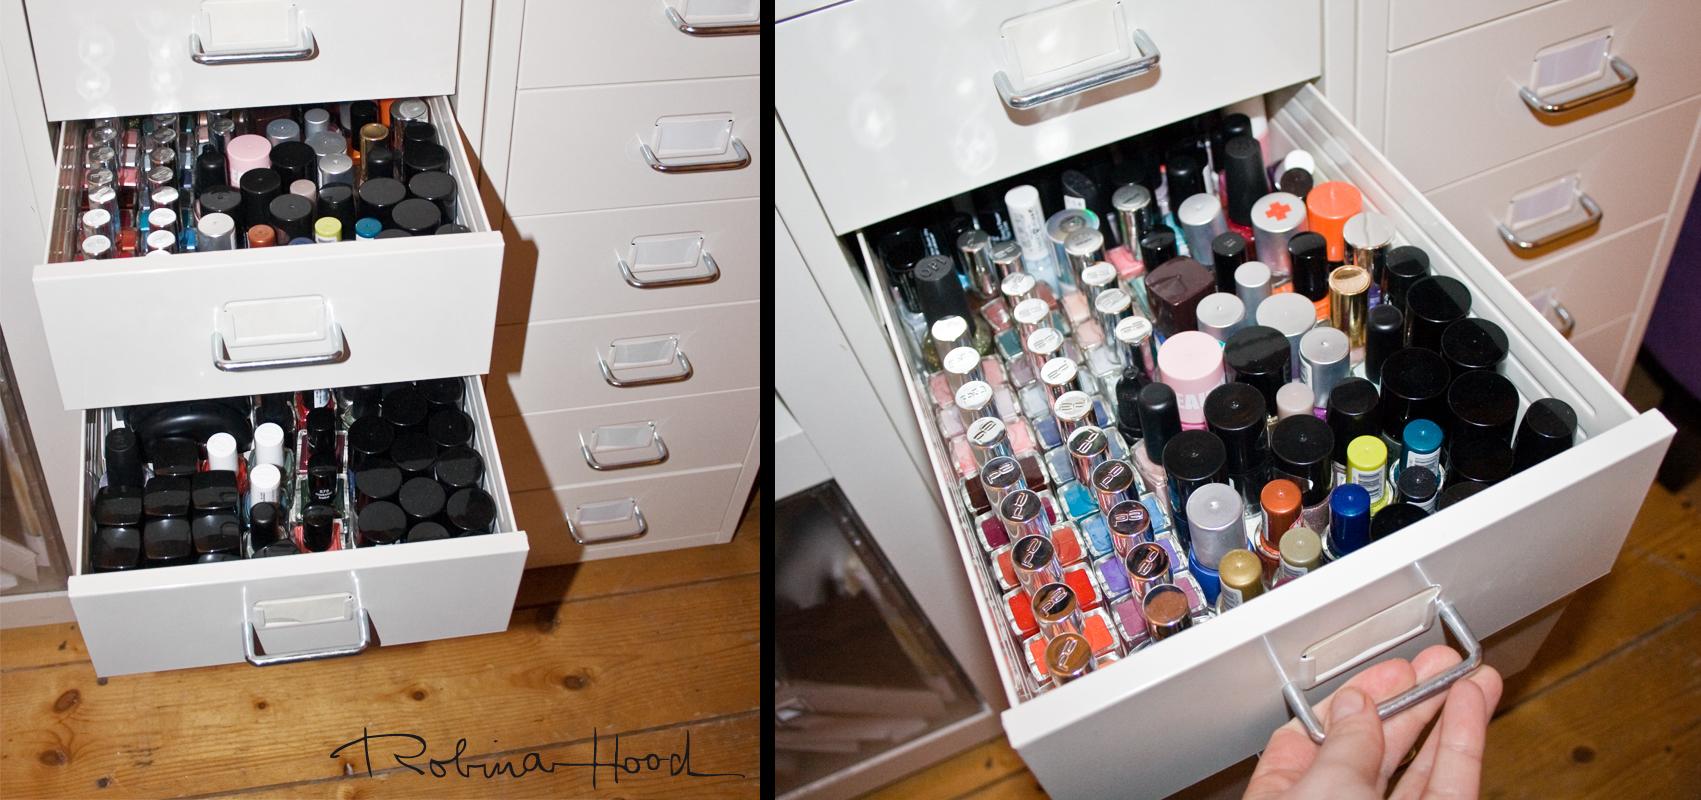 getaggt und erwischt wie viele nagellacke besitzt robina hood robina hood. Black Bedroom Furniture Sets. Home Design Ideas